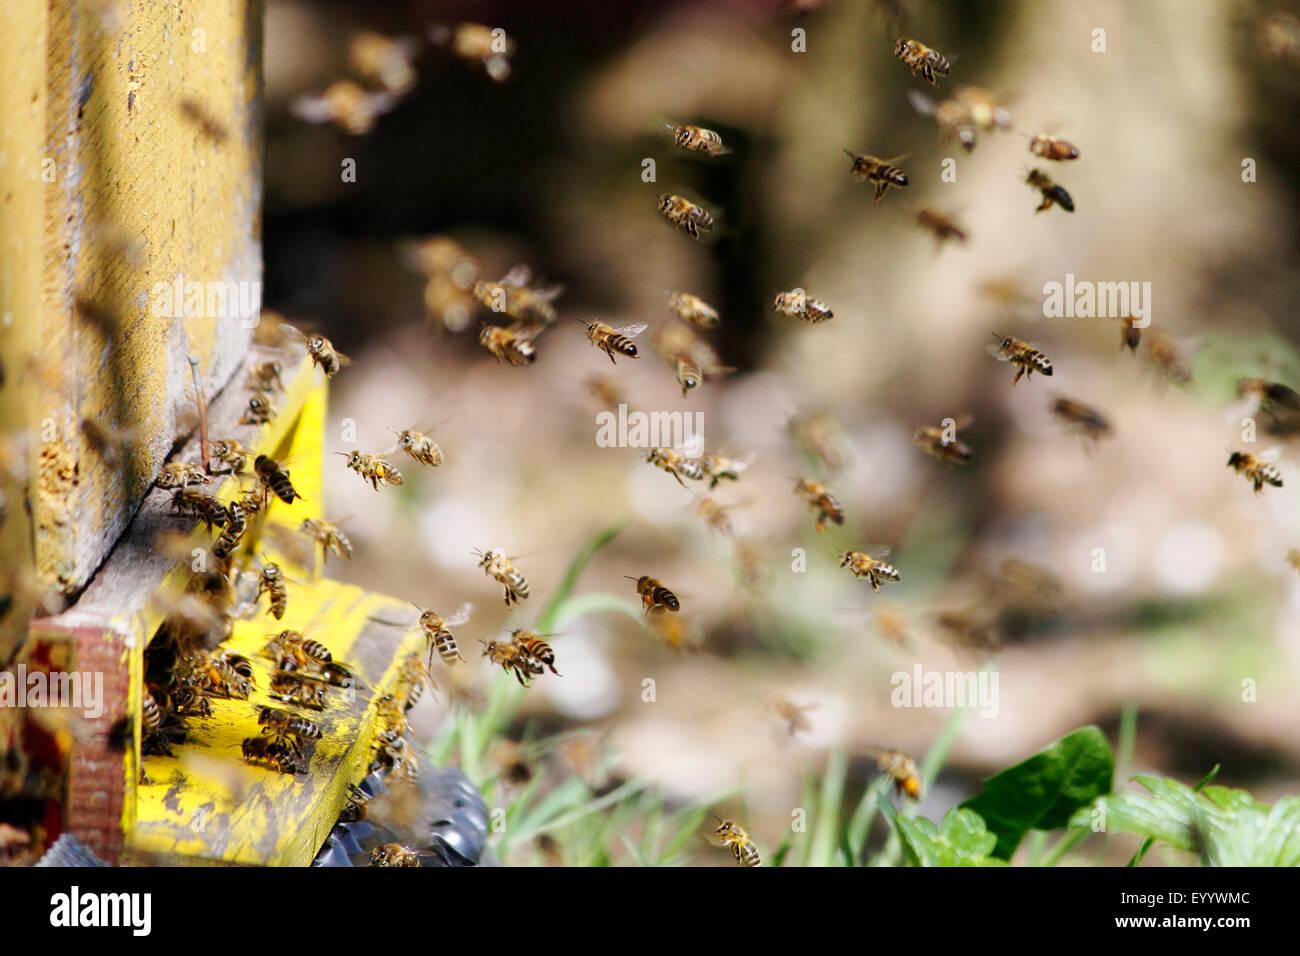 Abeille, ruche abeille (Apis mellifera mellifera), abeilles de vol autour du fort, Allemagne Photo Stock